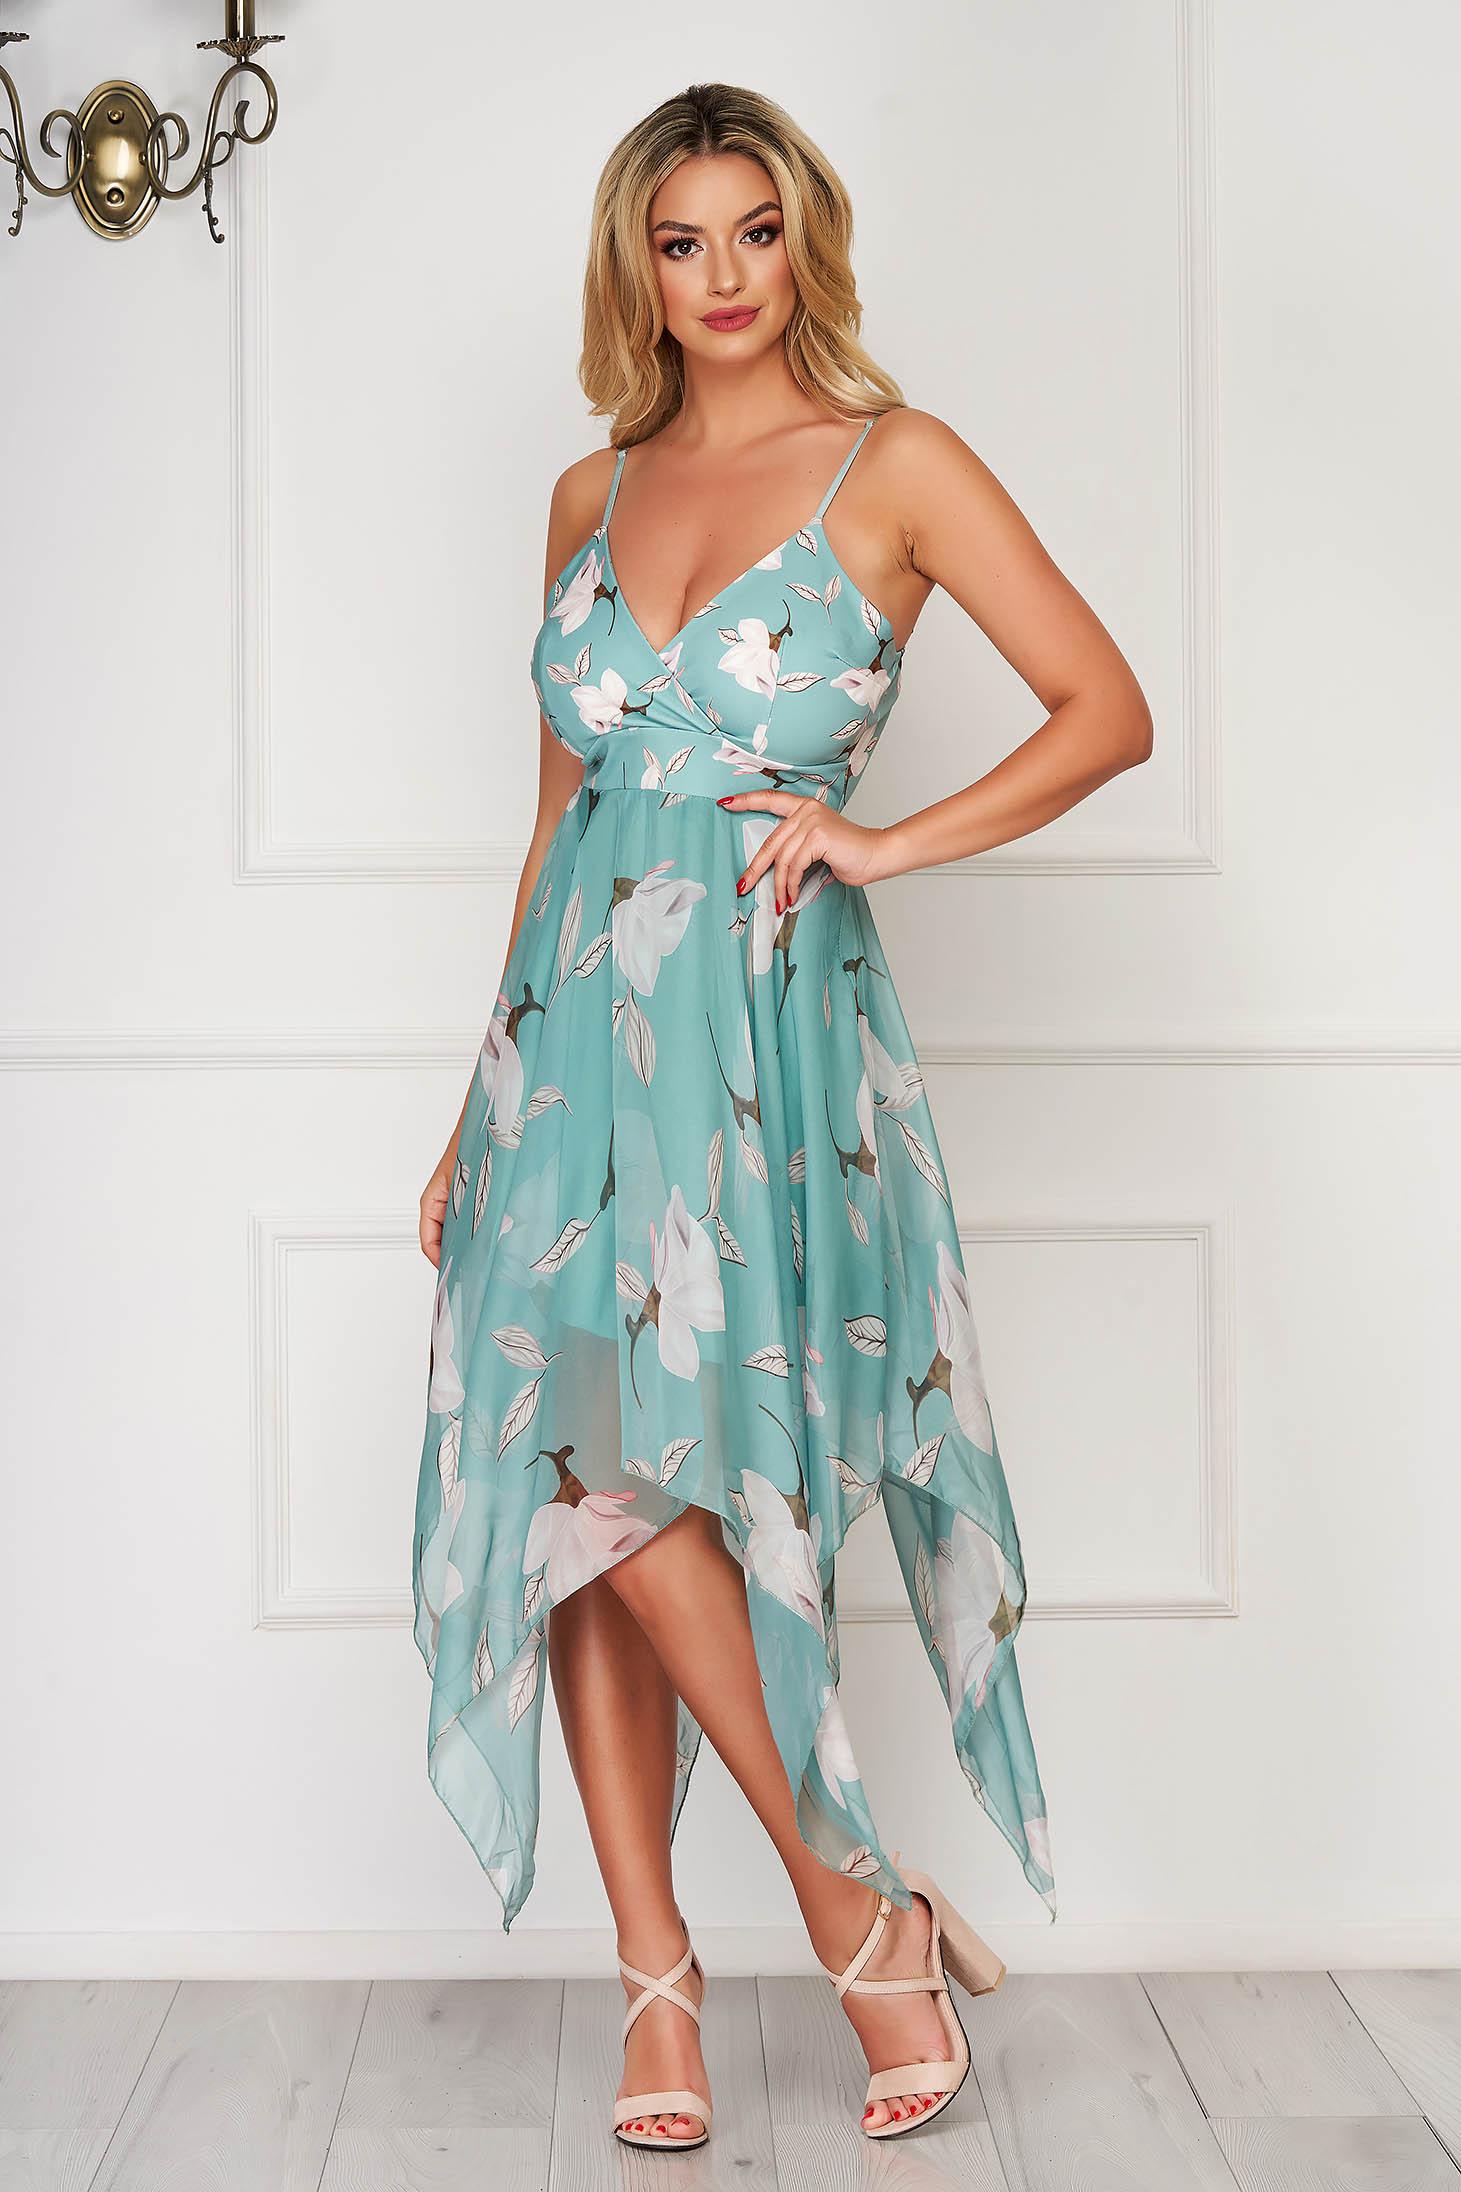 Rochie mint eleganta asimetrica in clos cu bretele ajustabile din voal cu imprimeu floral